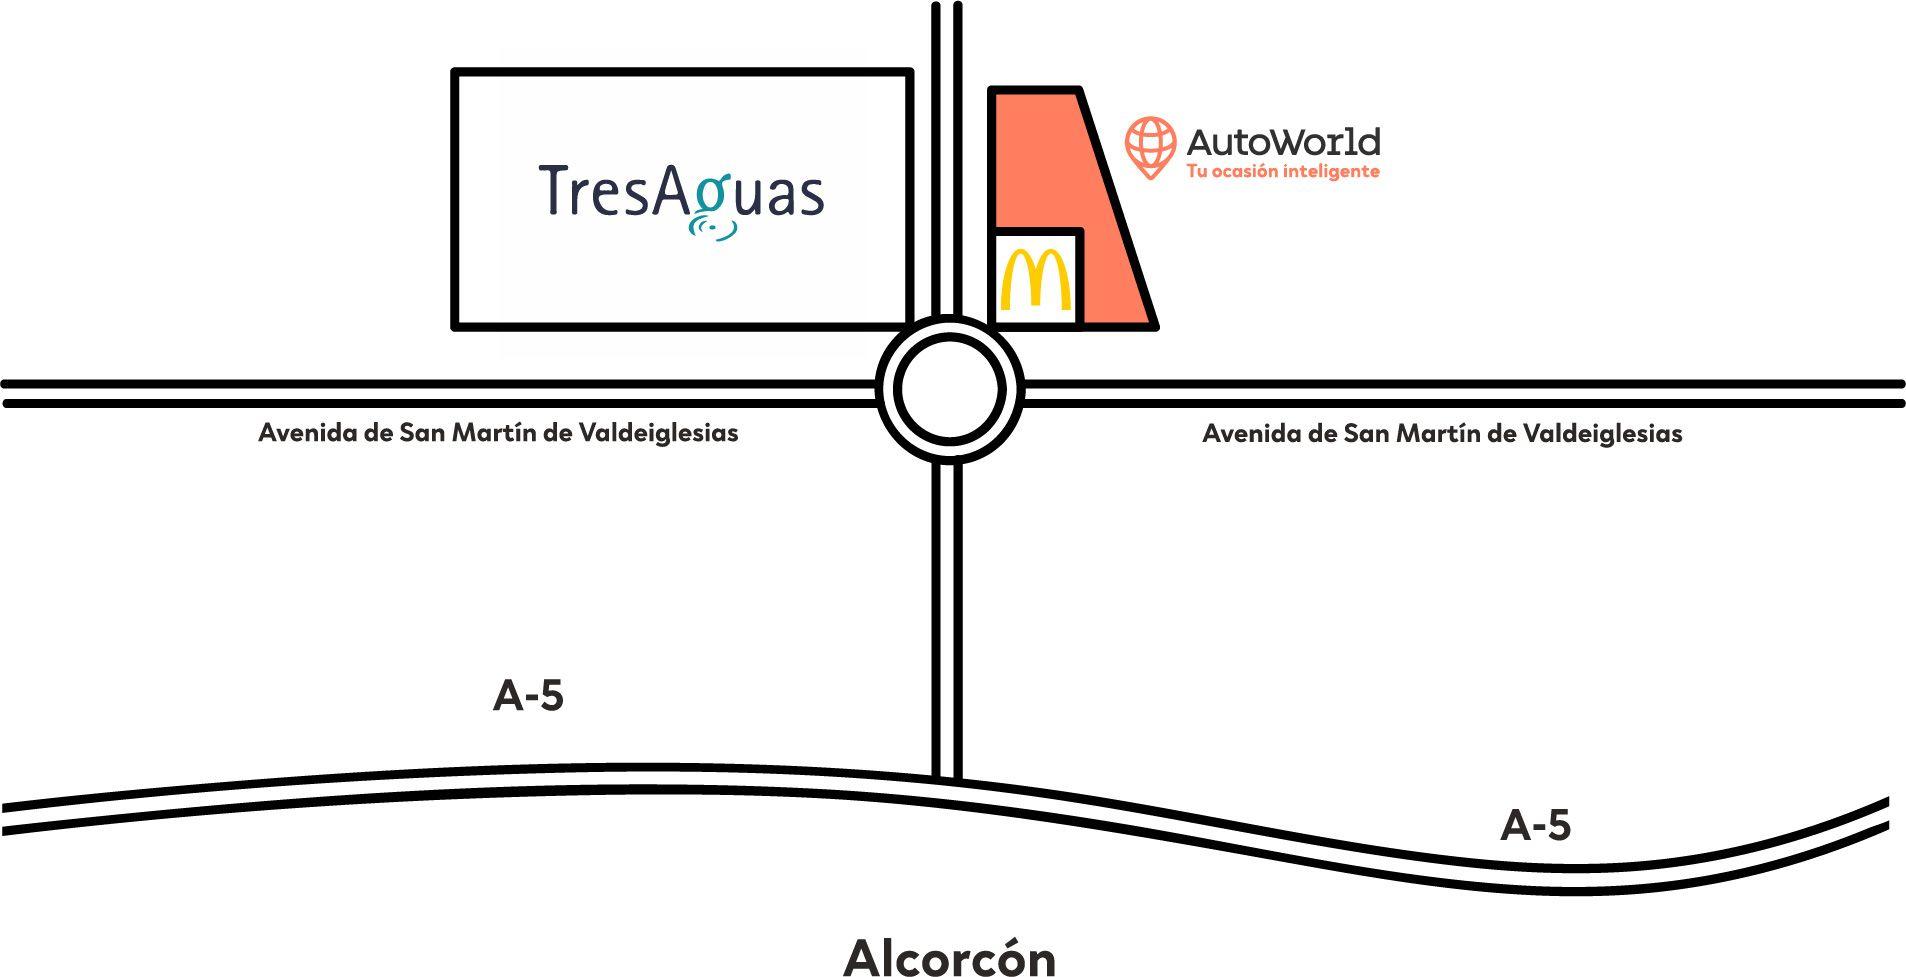 Comprar un coche desde el sofá de casa es posible en Alcorcón